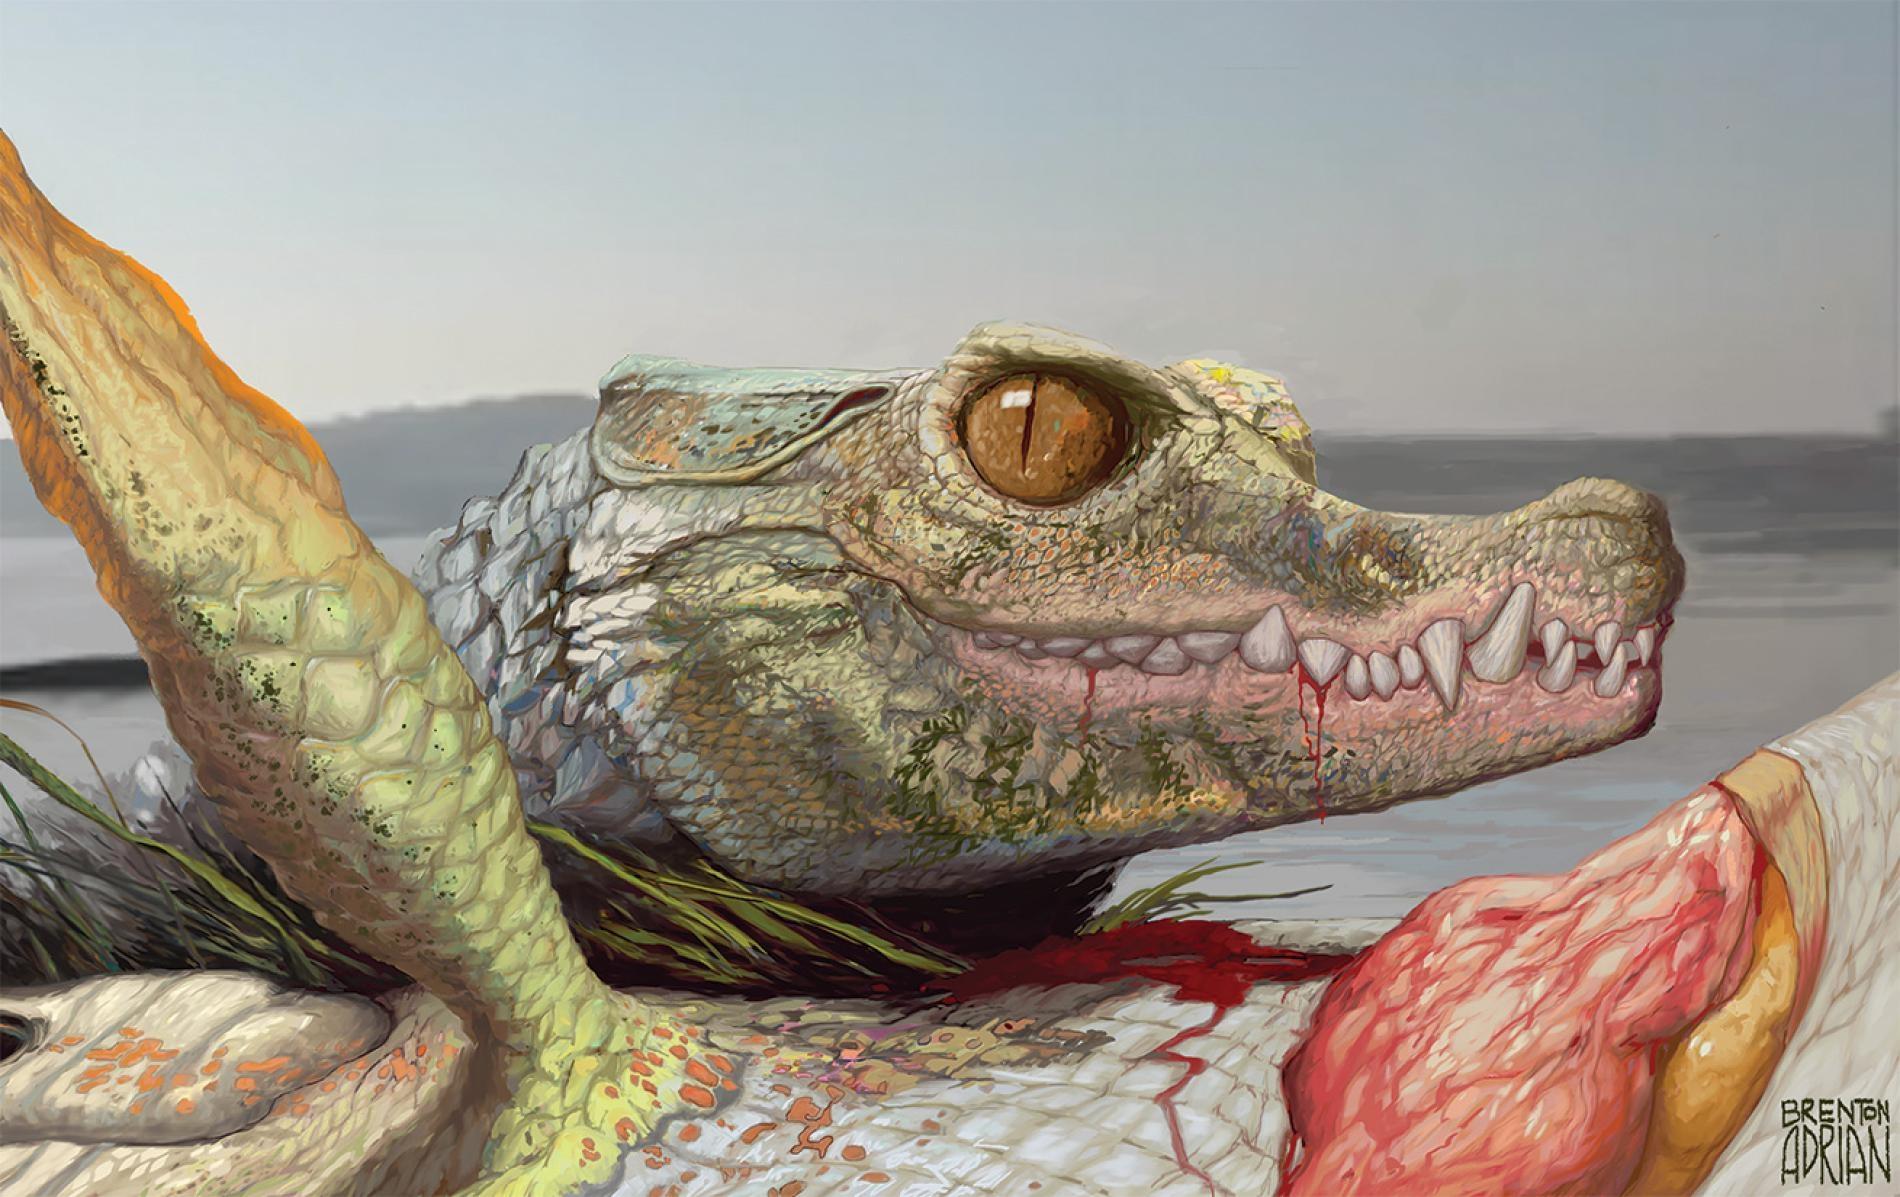 9600萬年前,在現今美國德州阿靈頓市(Arlington)遼闊的河口三角洲內住了一種名叫Scolomastax sahlsteini的動物,牠是現代鱷魚的小型親戚。這幅重建圖畫出這種史前爬蟲類正在吃一隻肺魚的殘骸。ILLUSTRATION BY BRENTON ADRIAN